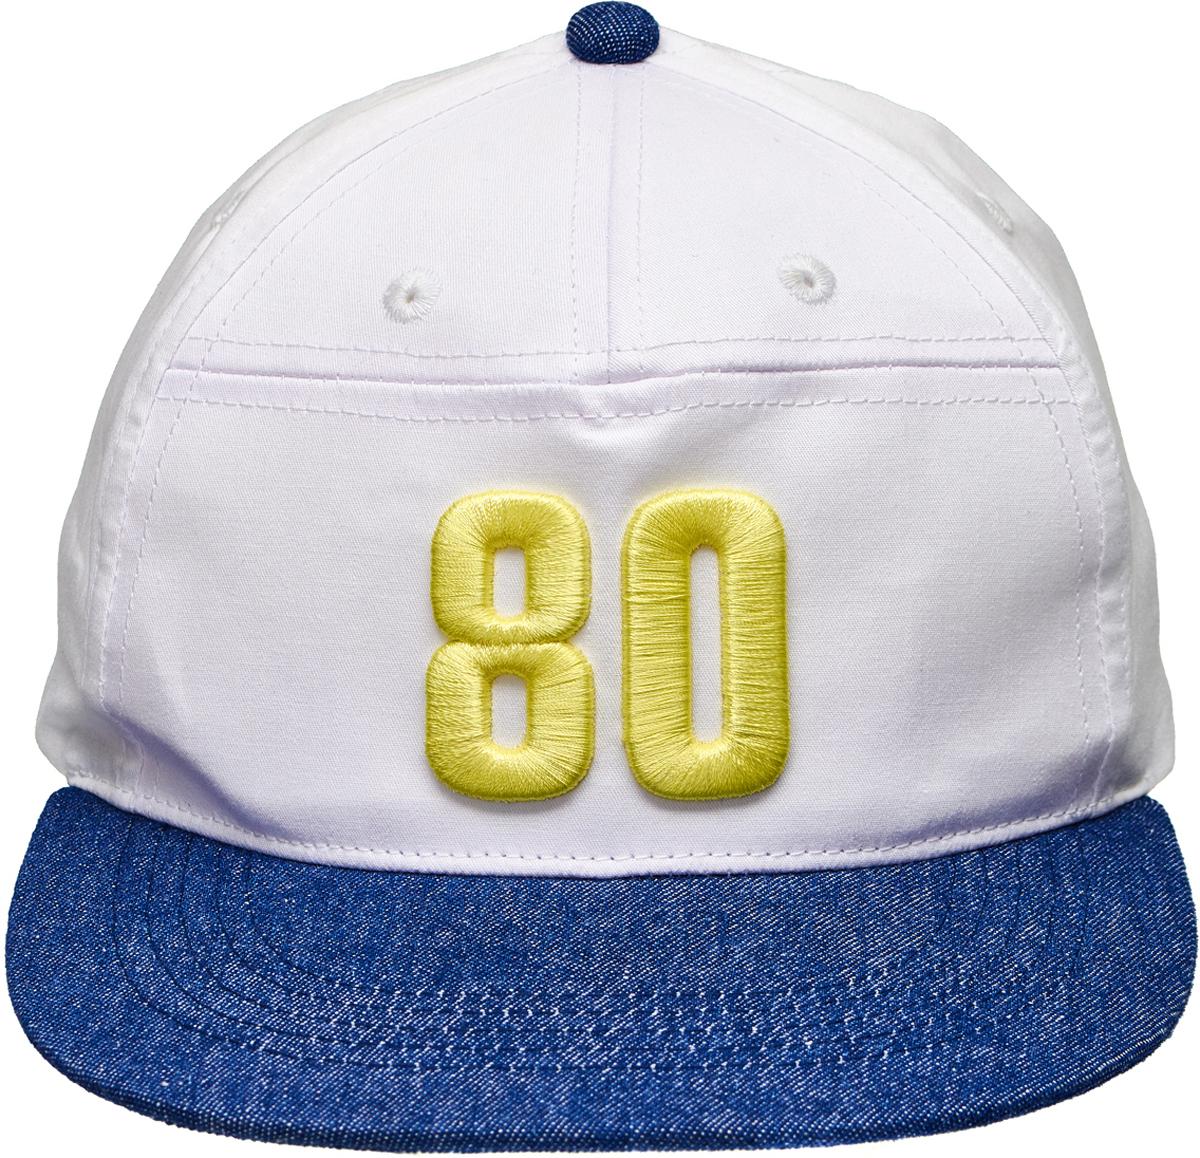 Бейсболка для мальчика Button Blue, цвет: белый, синий. 118BBBX7101D100. Размер 54 шапка для мальчика button blue цвет синий 217bbbx73054000 размер 52